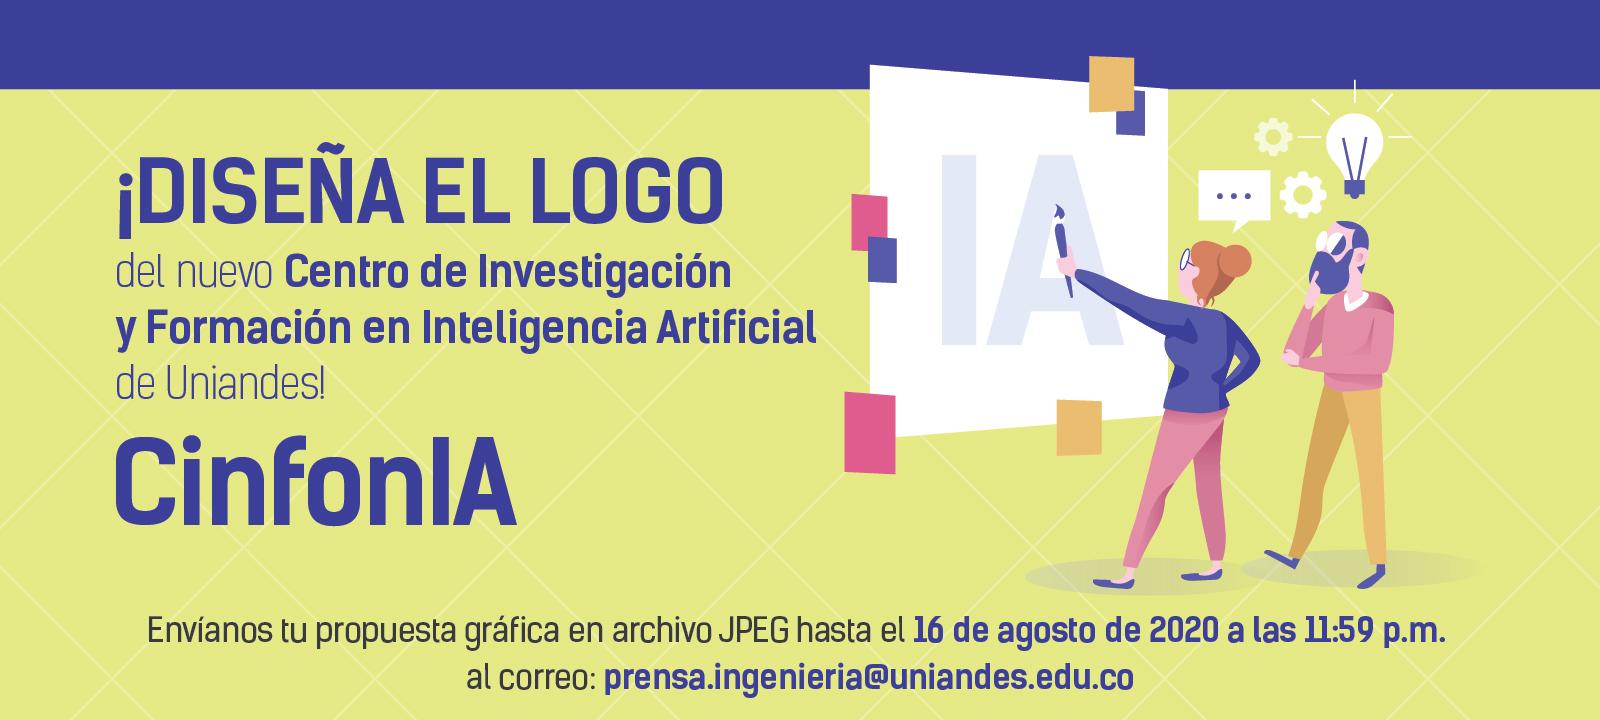 diseño-logo-cinfonia-inteligencia-artificial